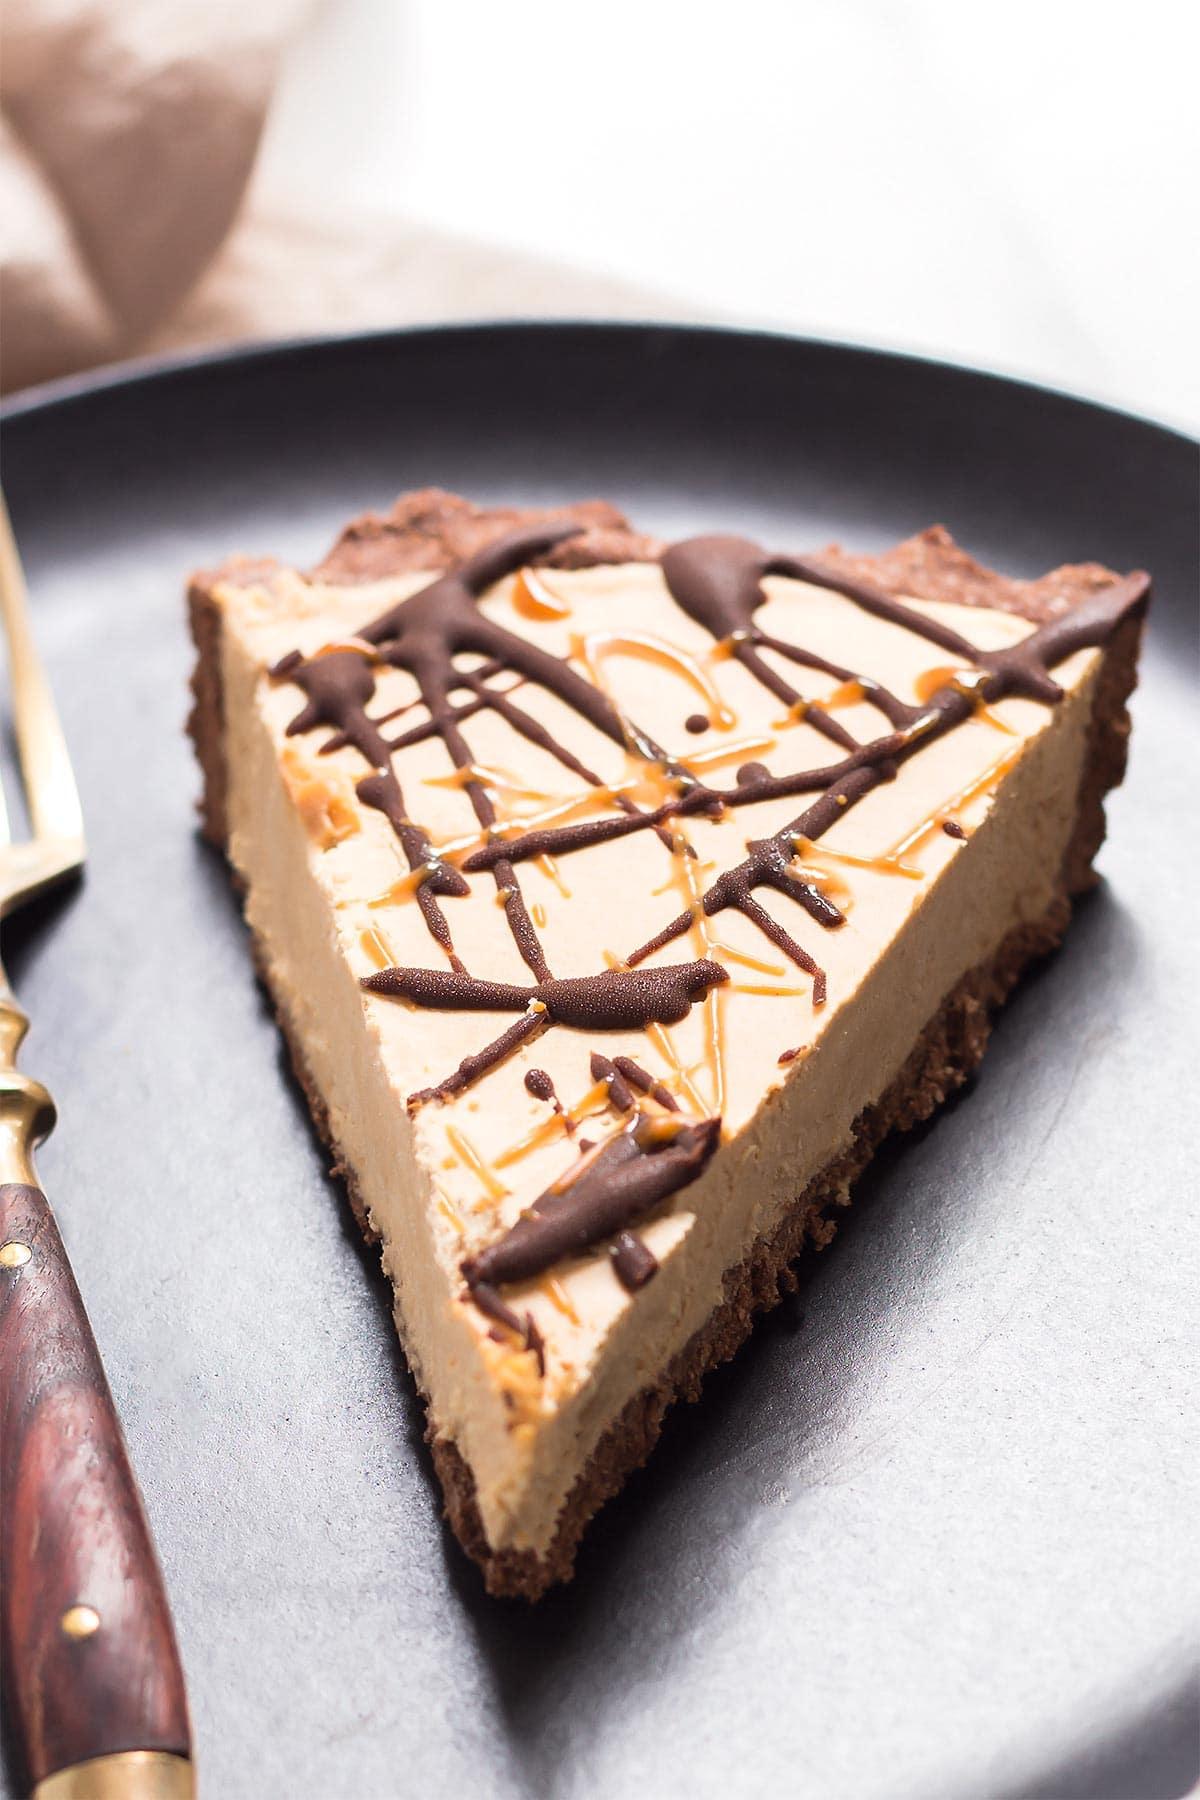 Peanut Butter Pie in Chocolate Crust